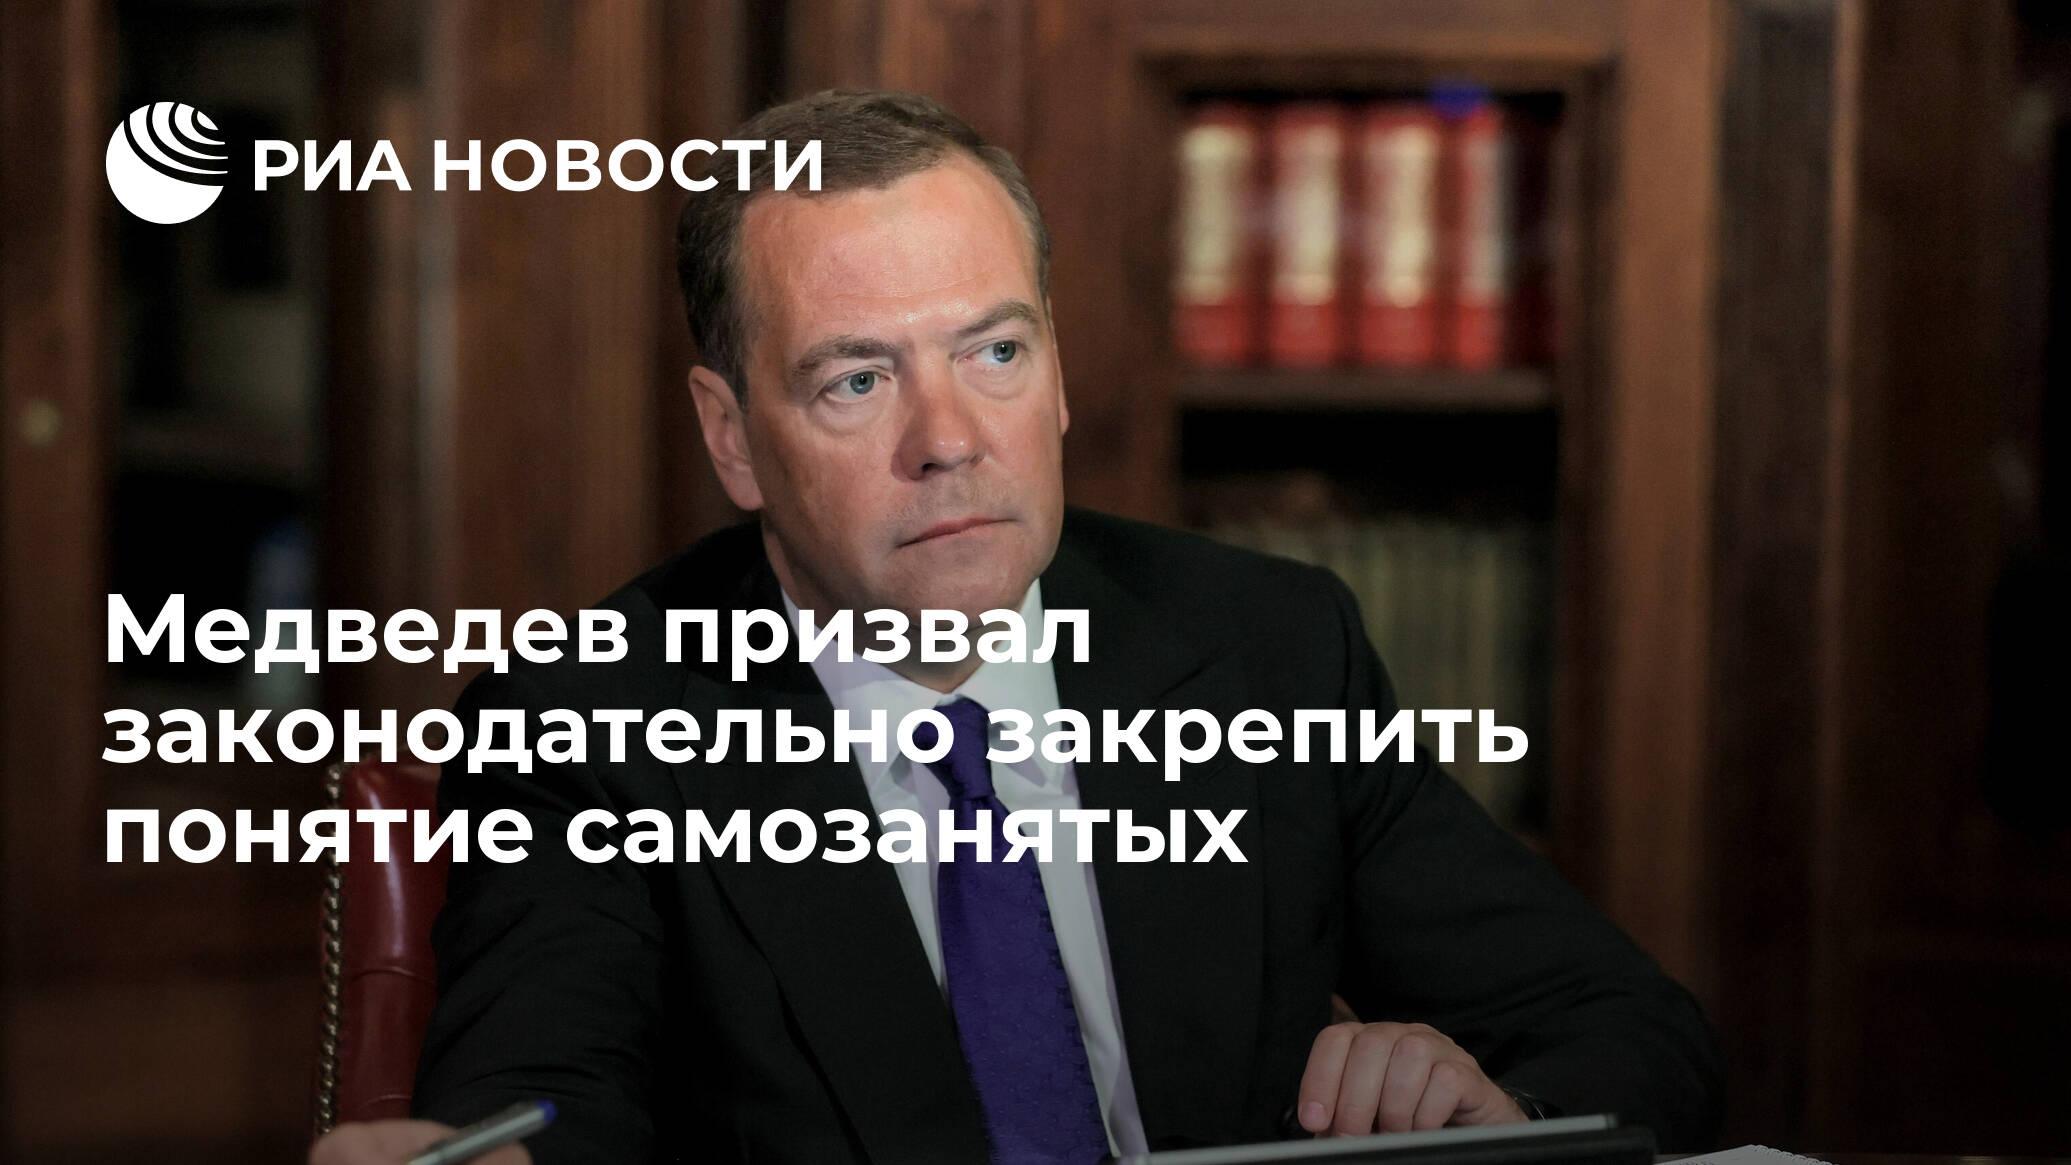 Медведев призвал законодательно закрепить понятие самозанятых